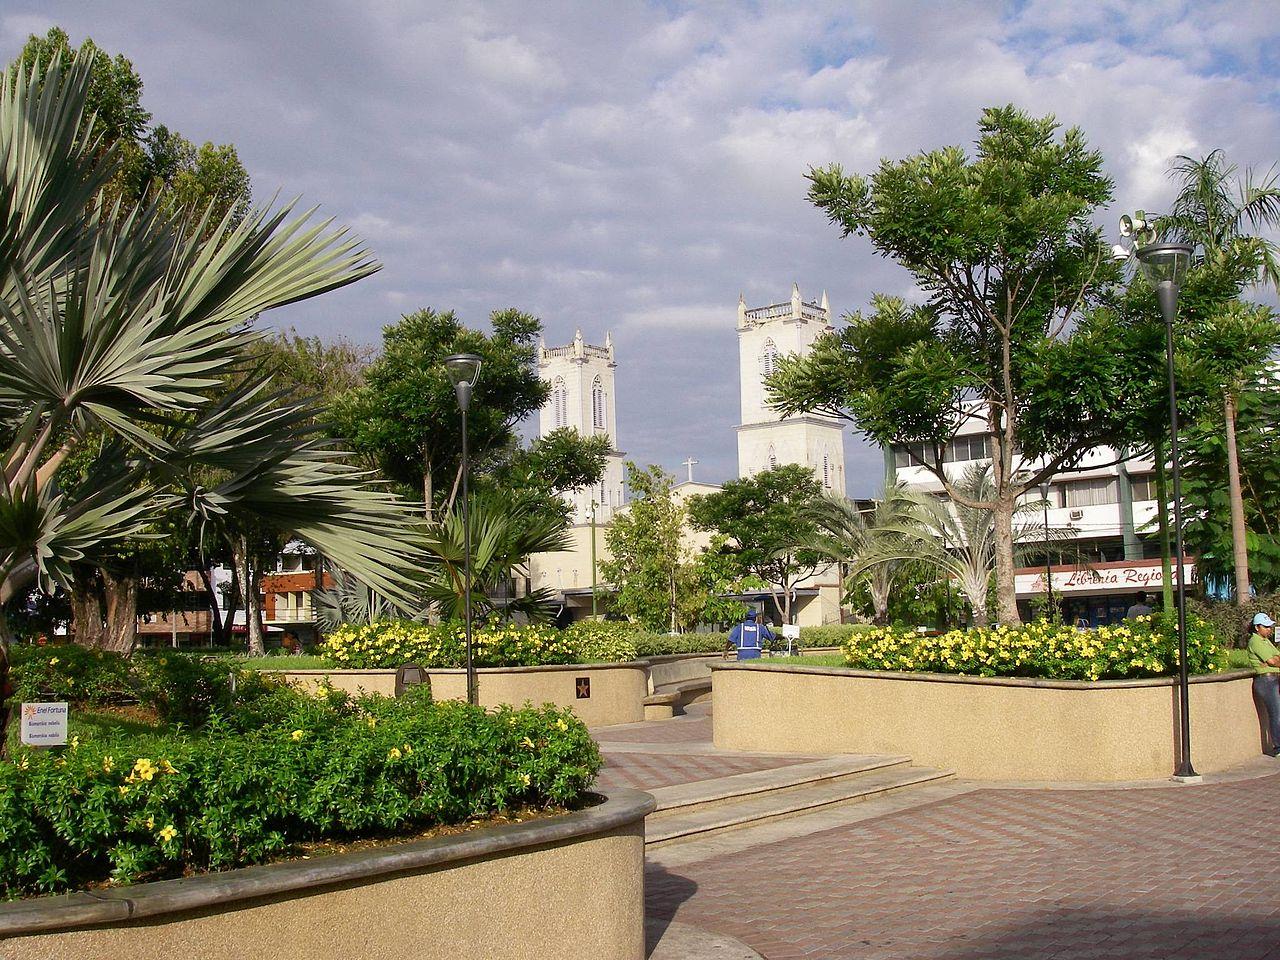 Ciudad de David, Panamá